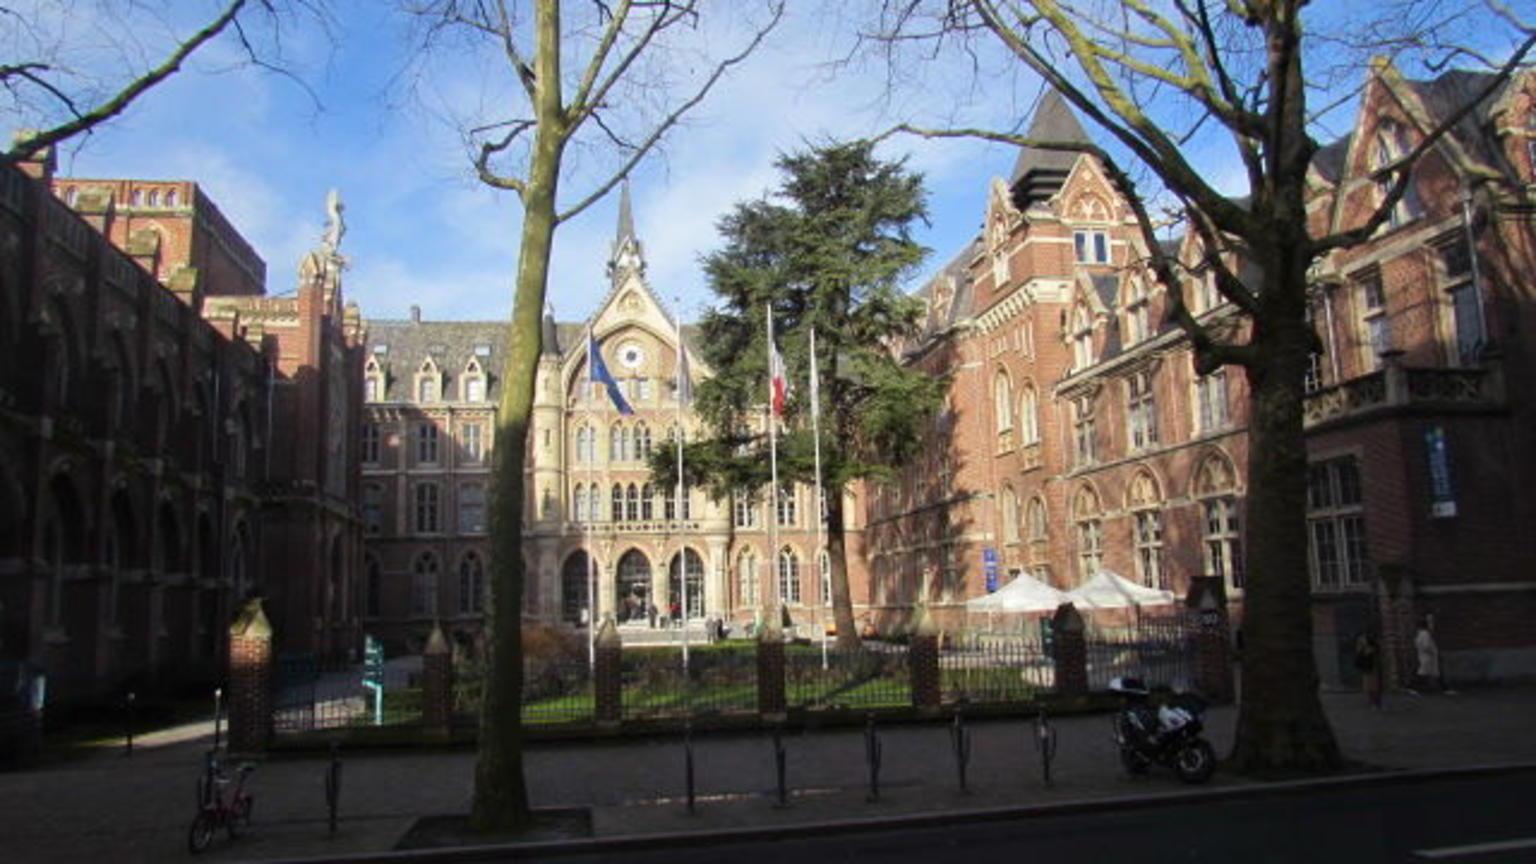 MÁS FOTOS, Tour turístico por la ciudad de Ámsterdam